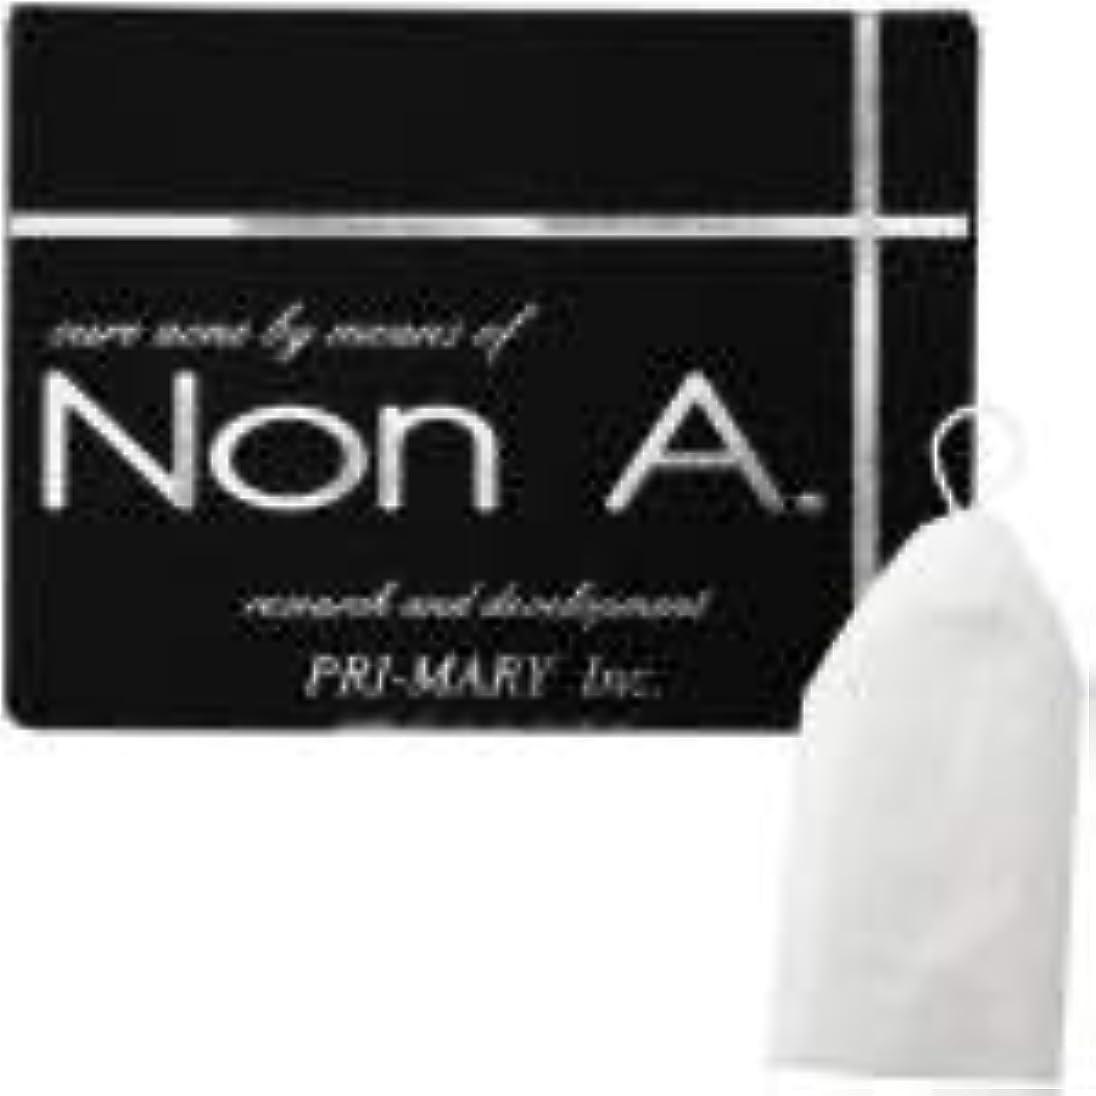 ハミングバードバス豊富Non A. (ノンエー) 洗顔ソープ [ ニキビ対策 / 100g / 洗顔泡立てネット付 ] 洗顔せっけん ピーリング成分不使用 (プライマリー)